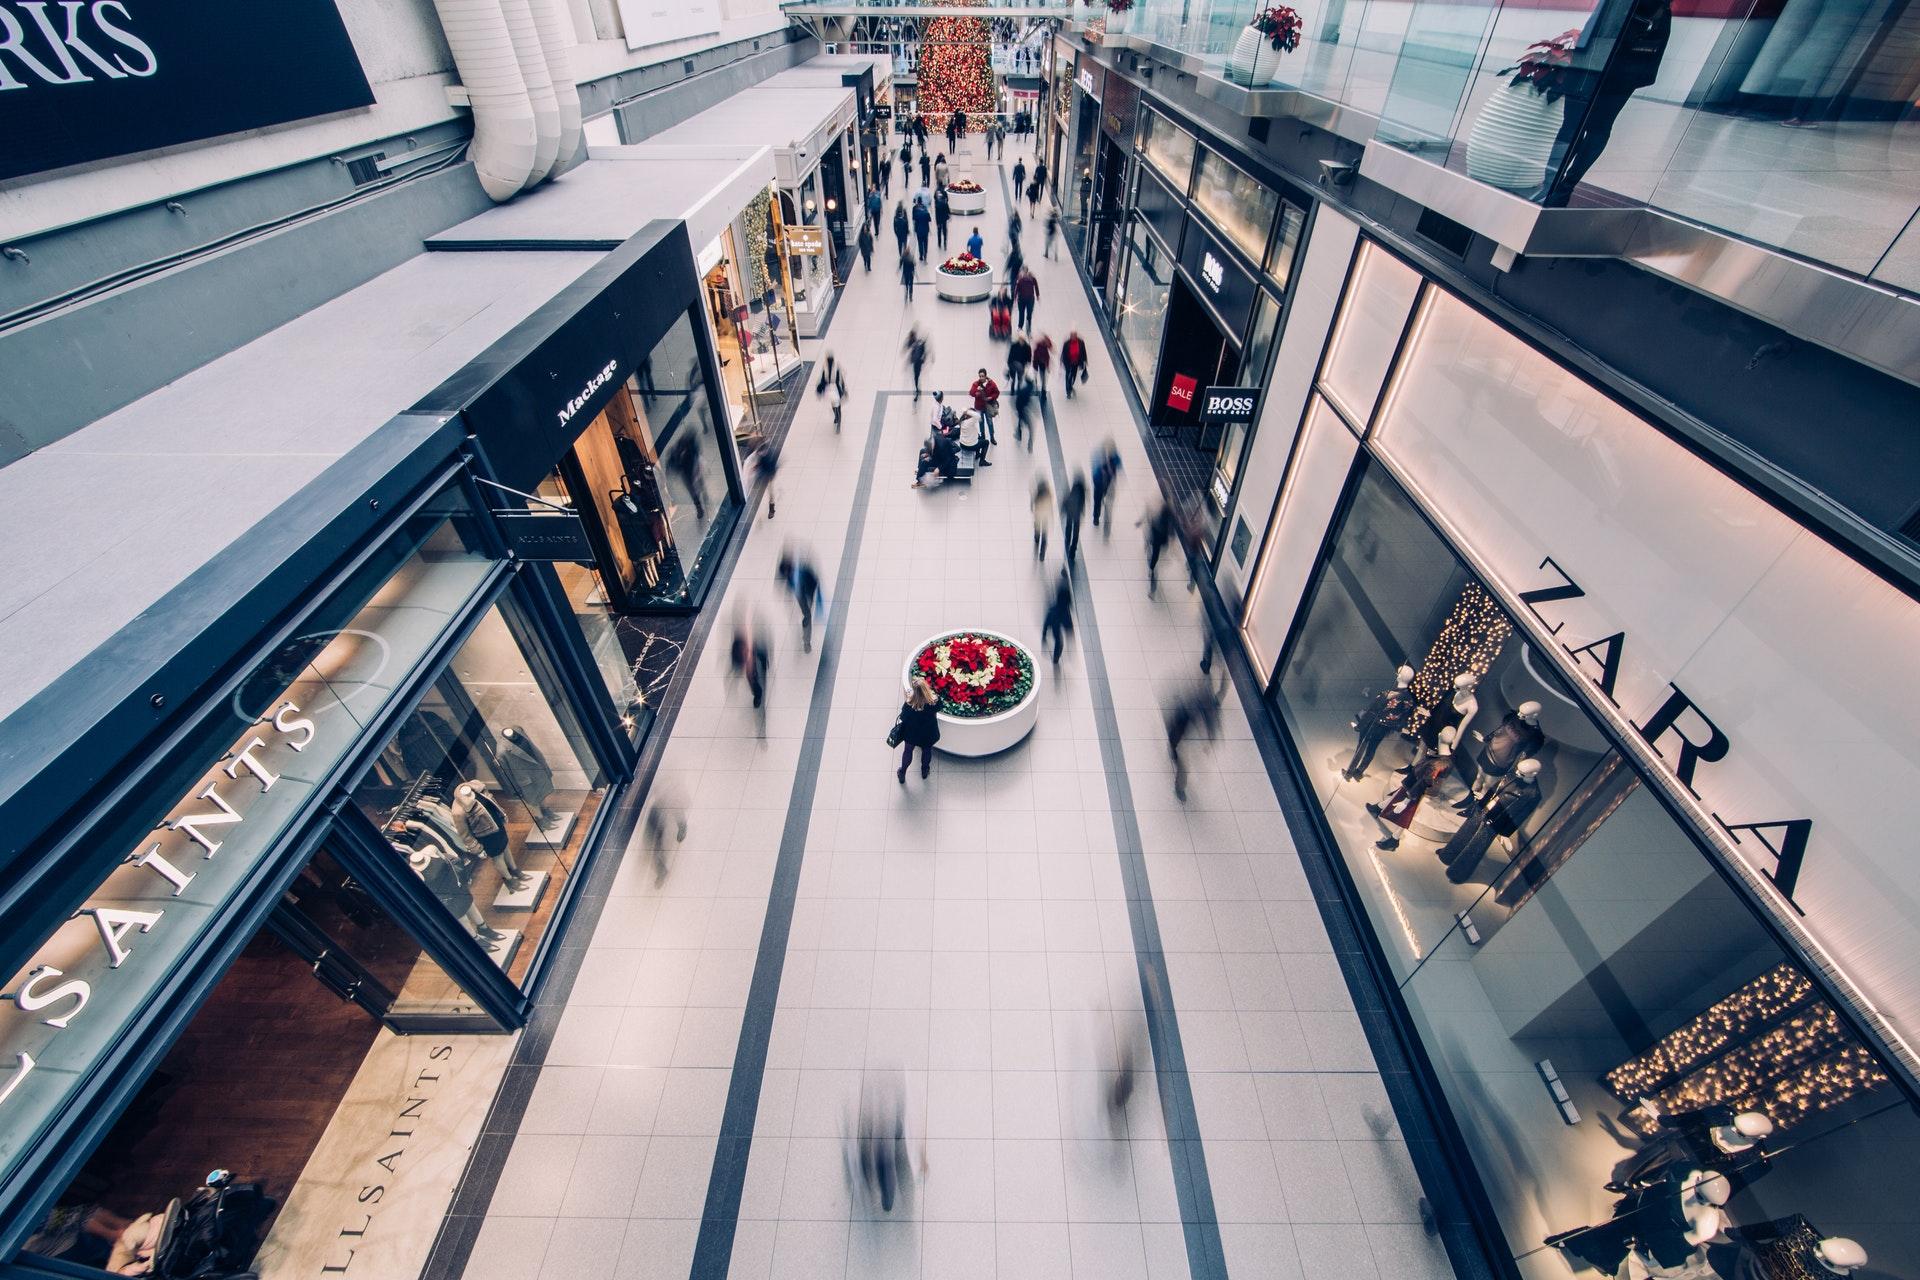 Vemos um corredor de um shopping com pessoas andando (imagem ilustrativa).